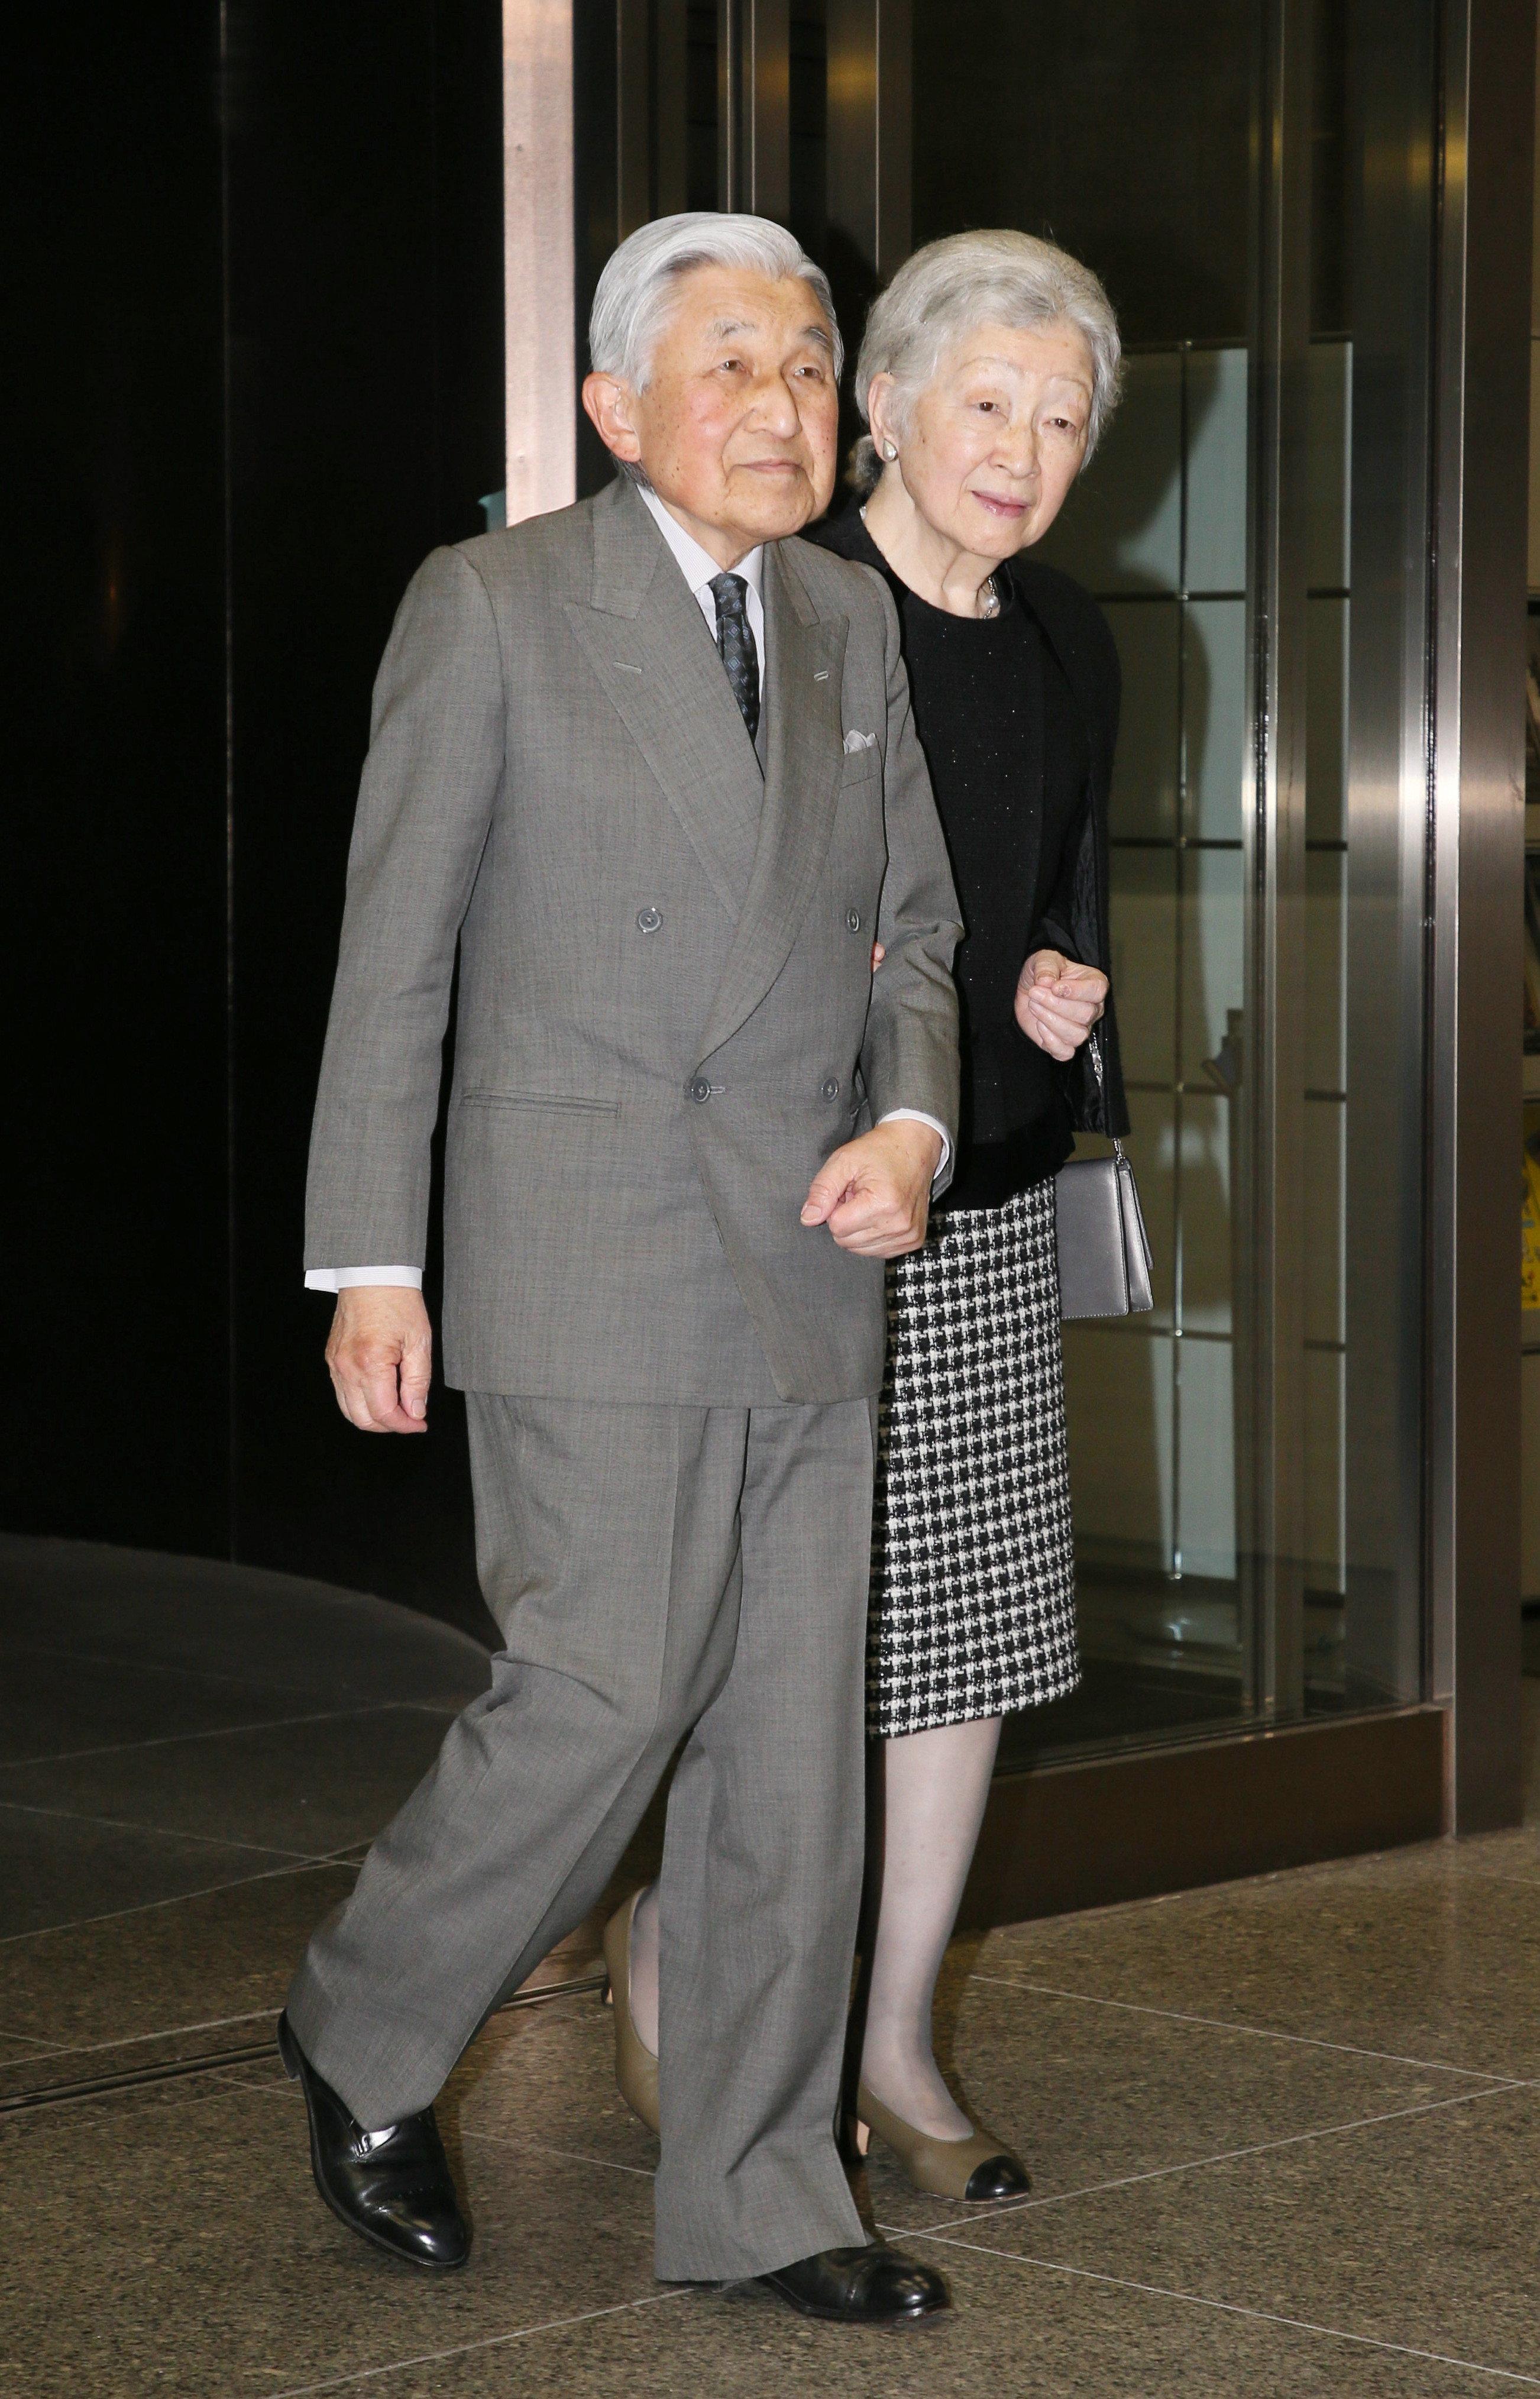 天皇陛下のおことば全文「象徴としての天皇像を模索する道は果てしなく遠く」 在位30年記念式典